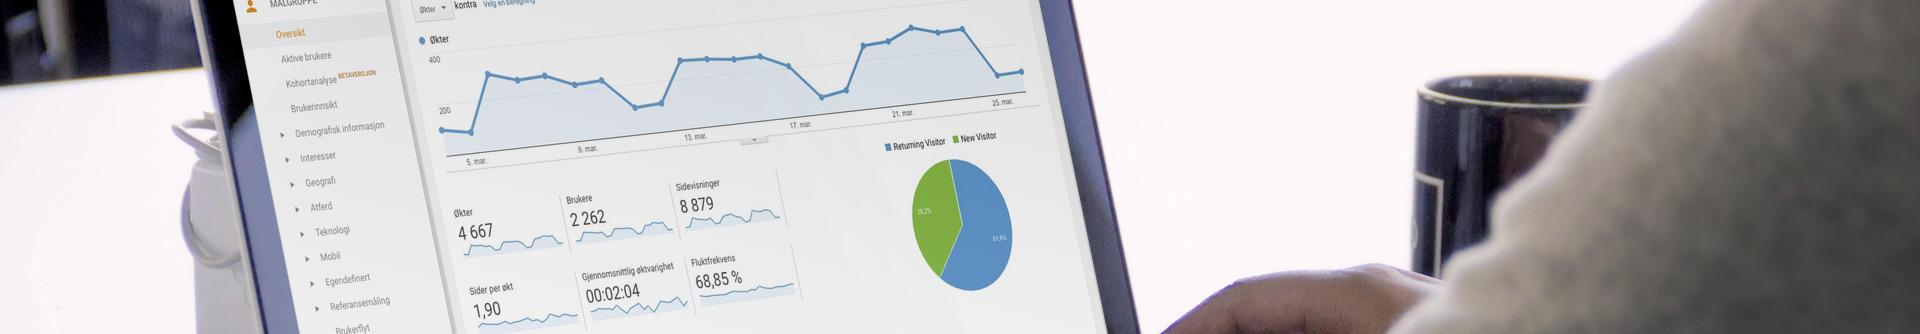 skjermbilde fra Google Analytics